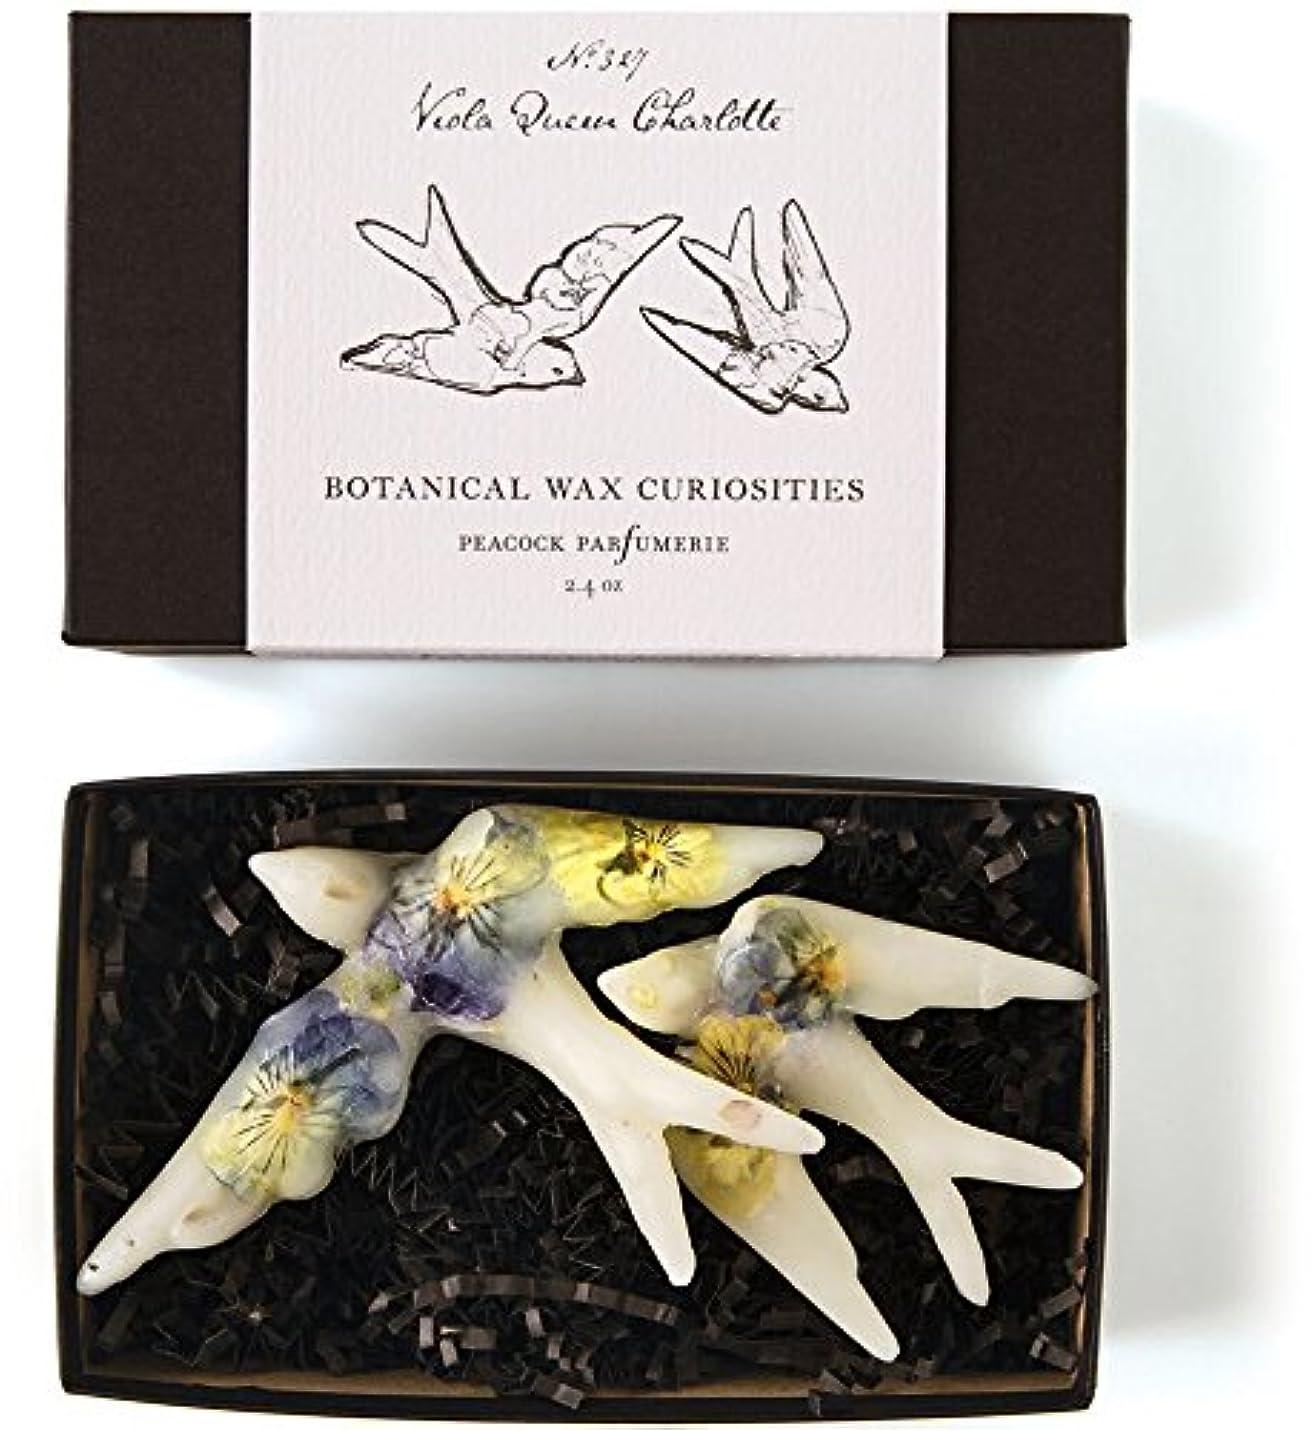 阻害するまろやかな仕えるロージーリングス ボタニスト ボタニカルワックスキュリオシティ ビオラクィーンシャーロット ROSY RINGS Botanist Collection Botanical Wax Curiosities – Viola Queen Charlotte